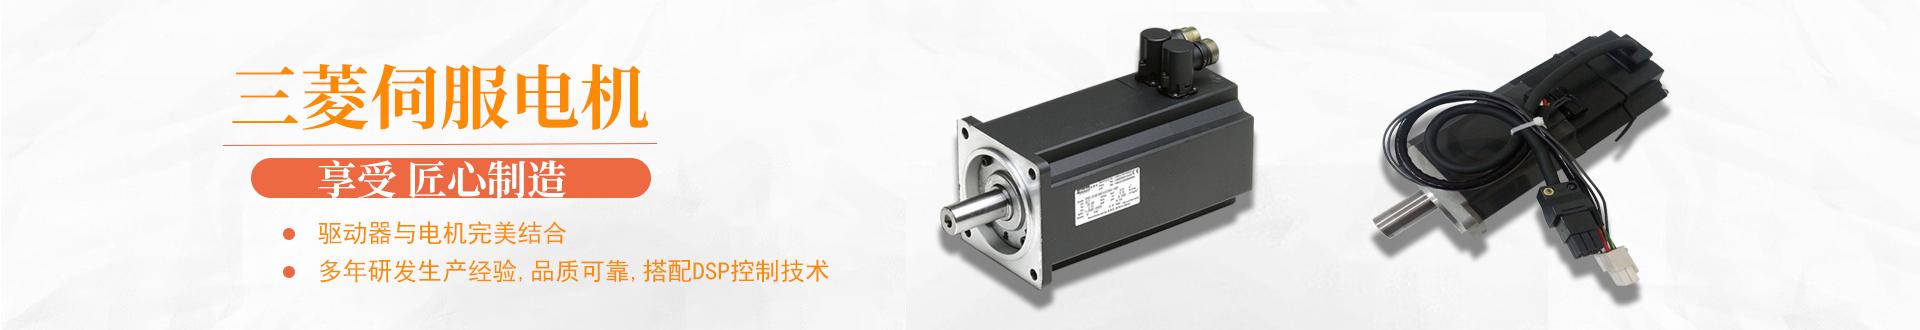 上海鹰恒工业控制设备有限公司